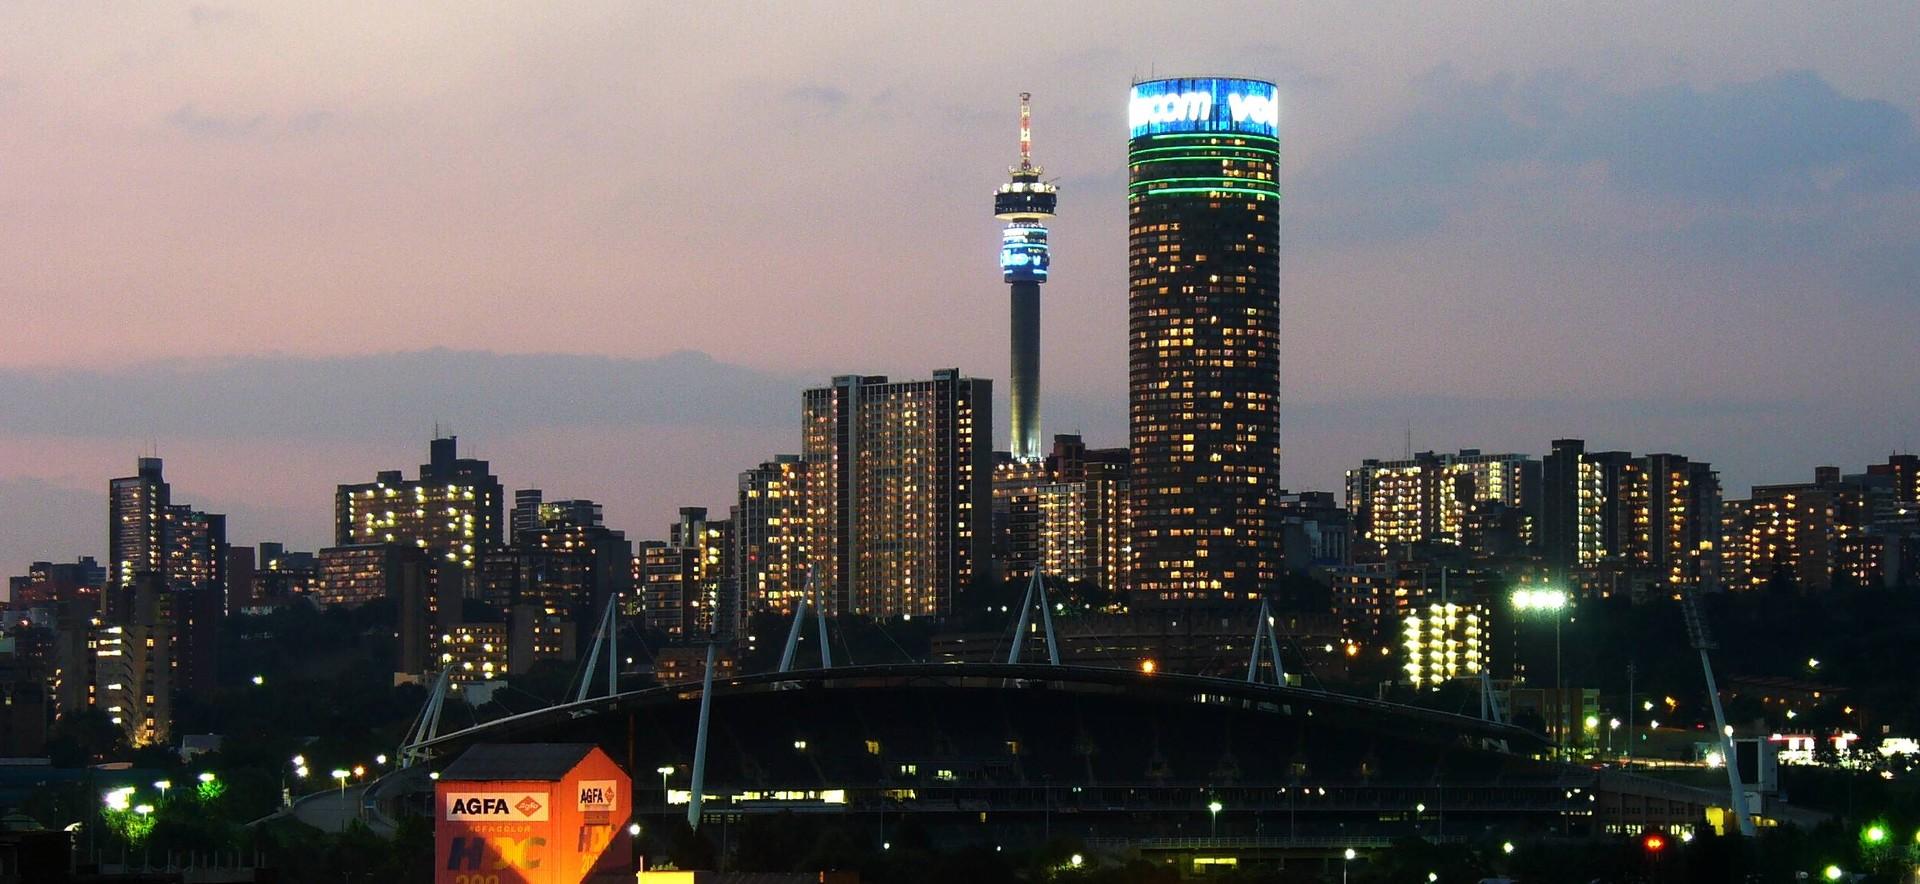 Expérience à Johannesburg, Afrique du Sud, par Richard